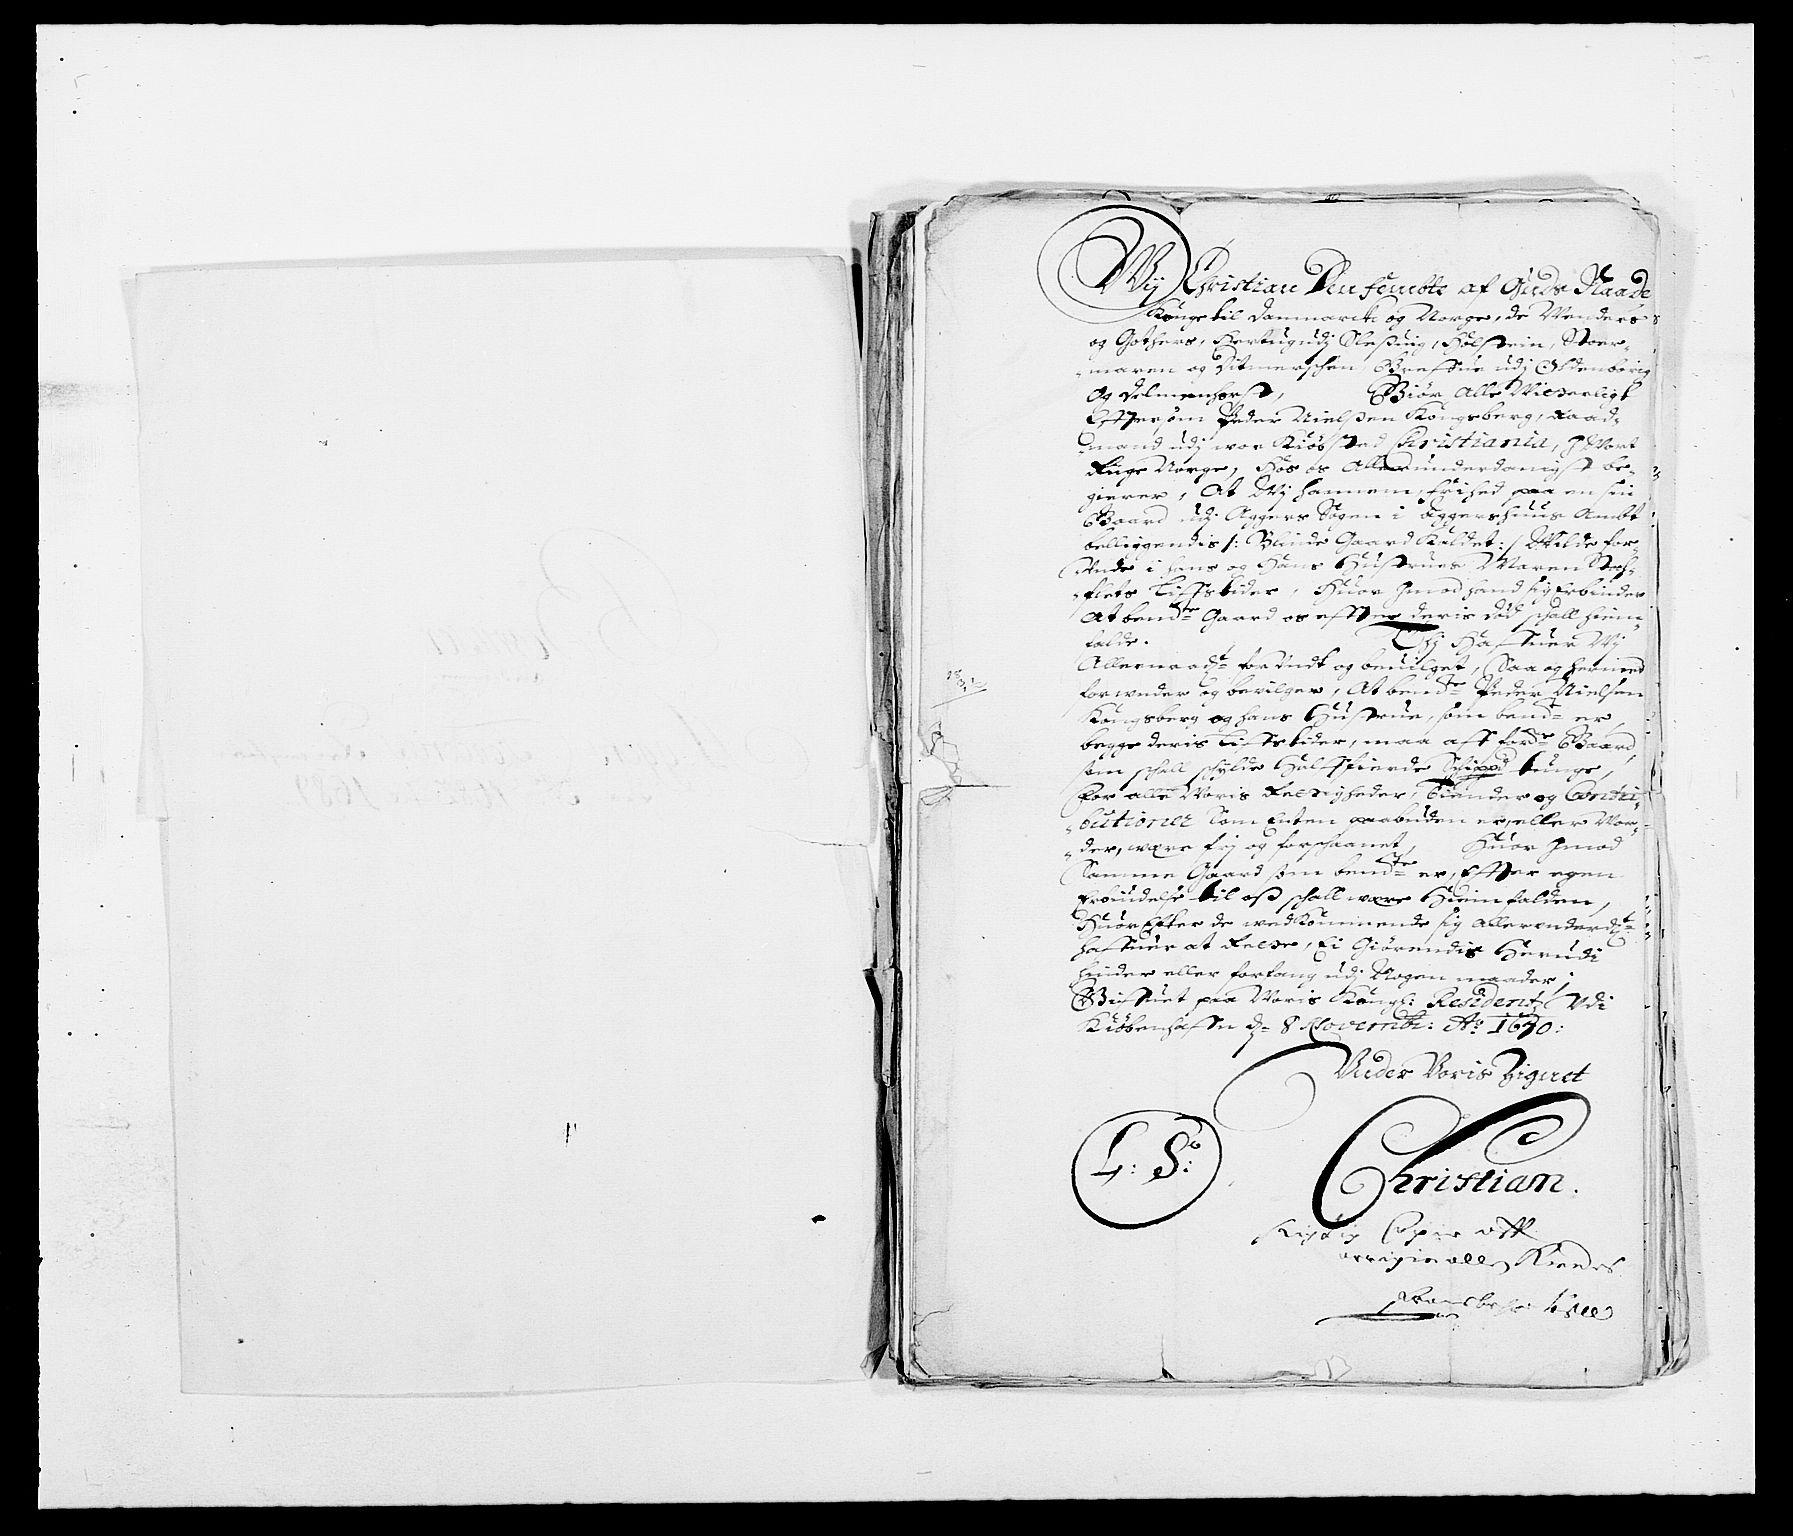 RA, Rentekammeret inntil 1814, Reviderte regnskaper, Fogderegnskap, R08/L0424: Fogderegnskap Aker, 1682-1689, s. 3